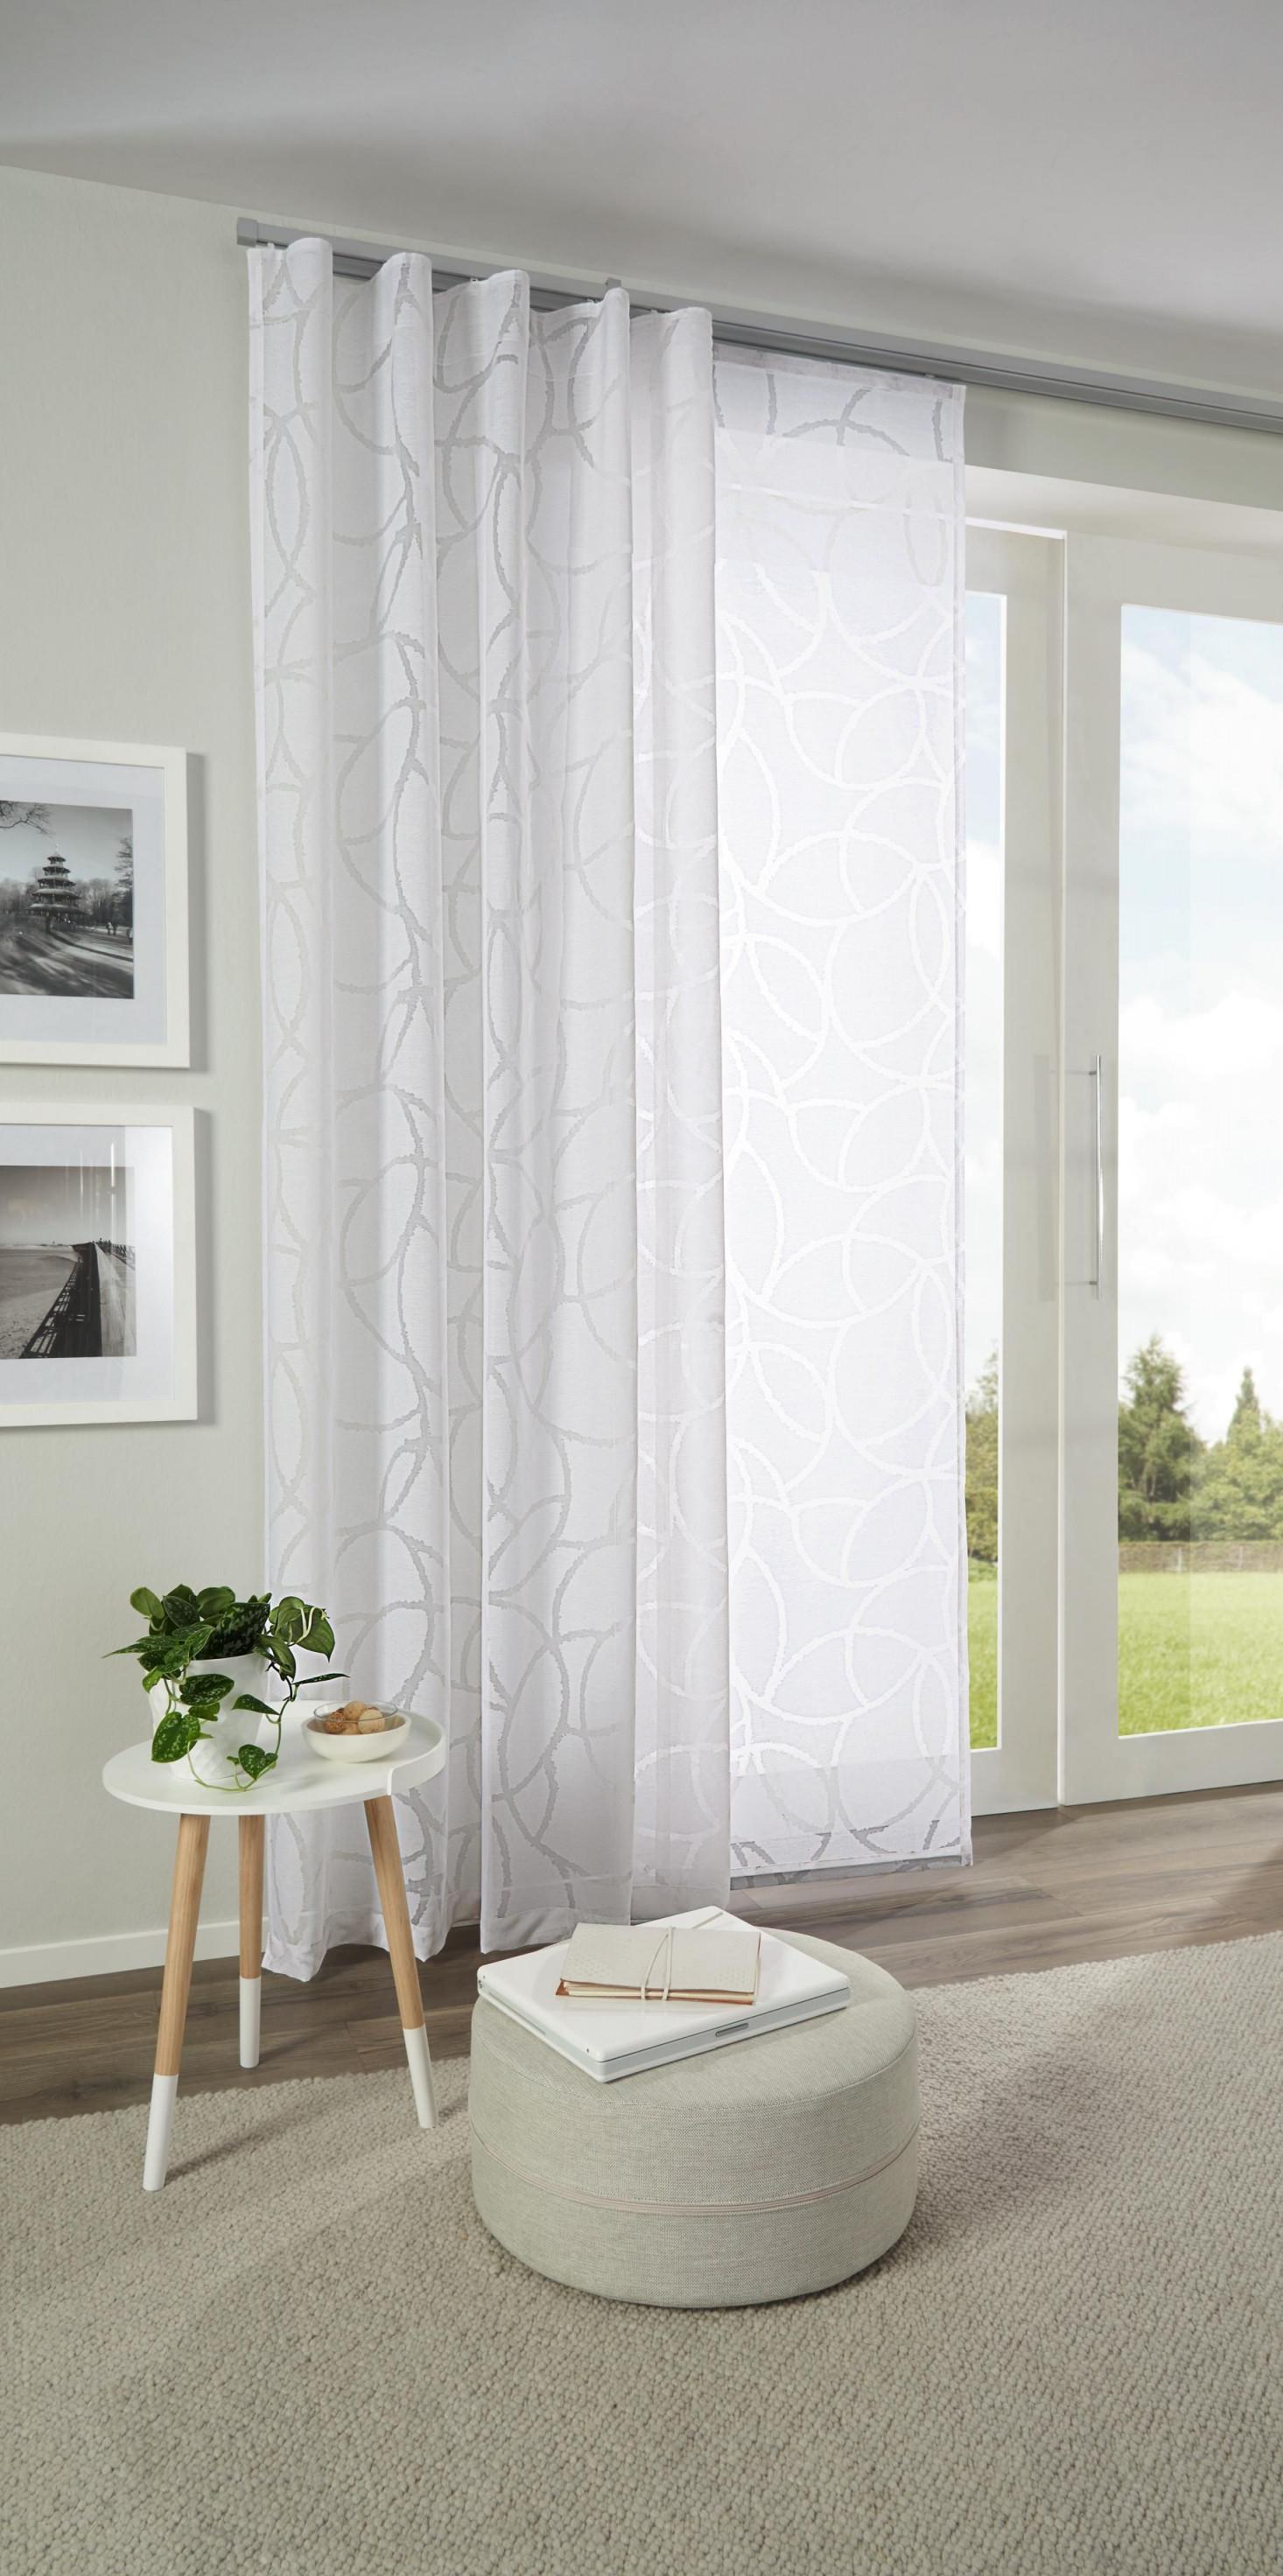 Hübscher Vorhang Mit Zartem Muster In Weiß Von Esposa von Wohnzimmer Gardinen Weiß Bild